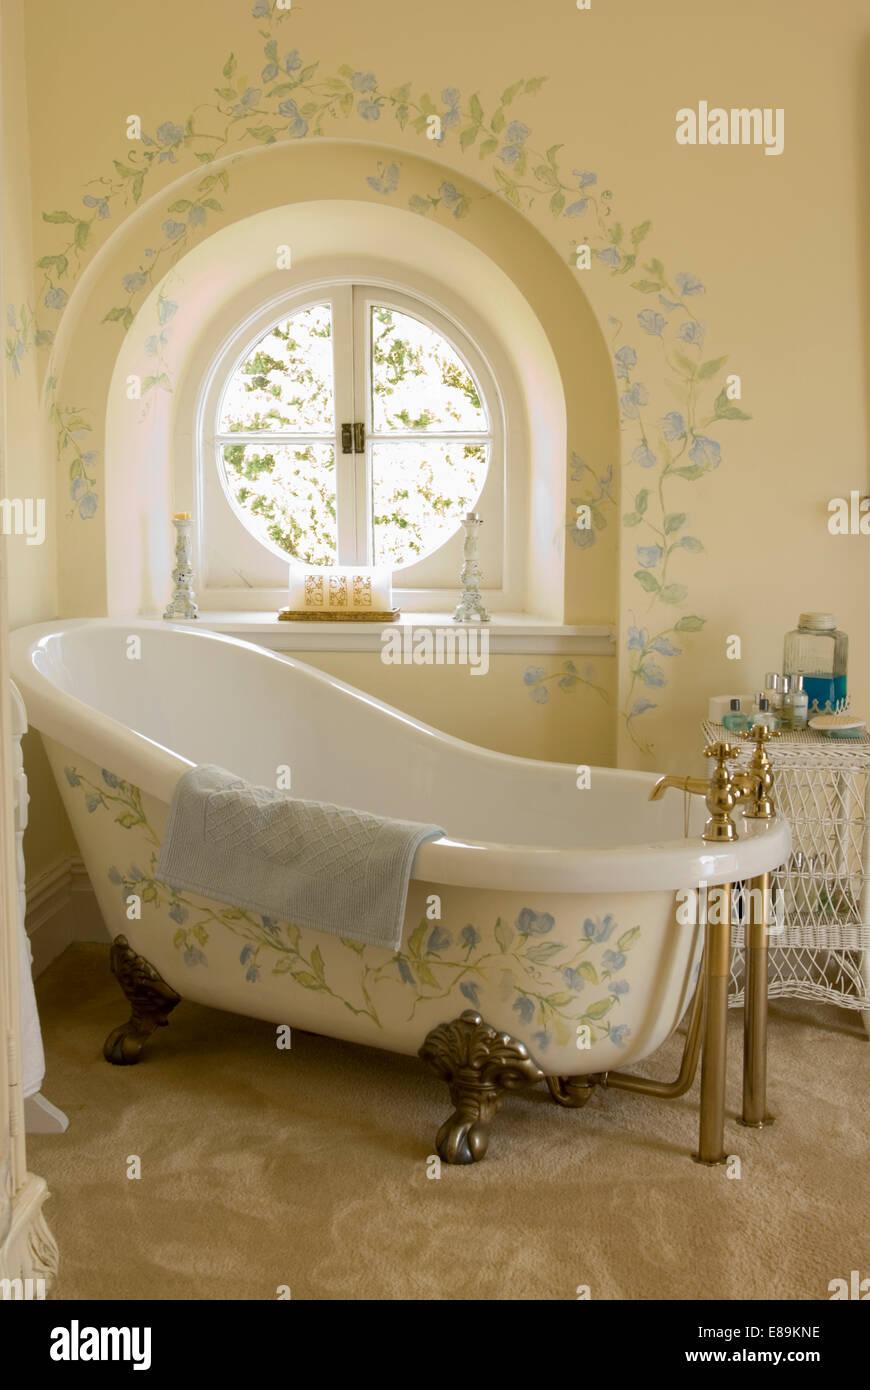 Fesselnd Creme Bad Mit Floraler Bemalung Auf Rolltop Bad Vor Kreisrundes Fenster Mit  Passenden Dekoration An Wand